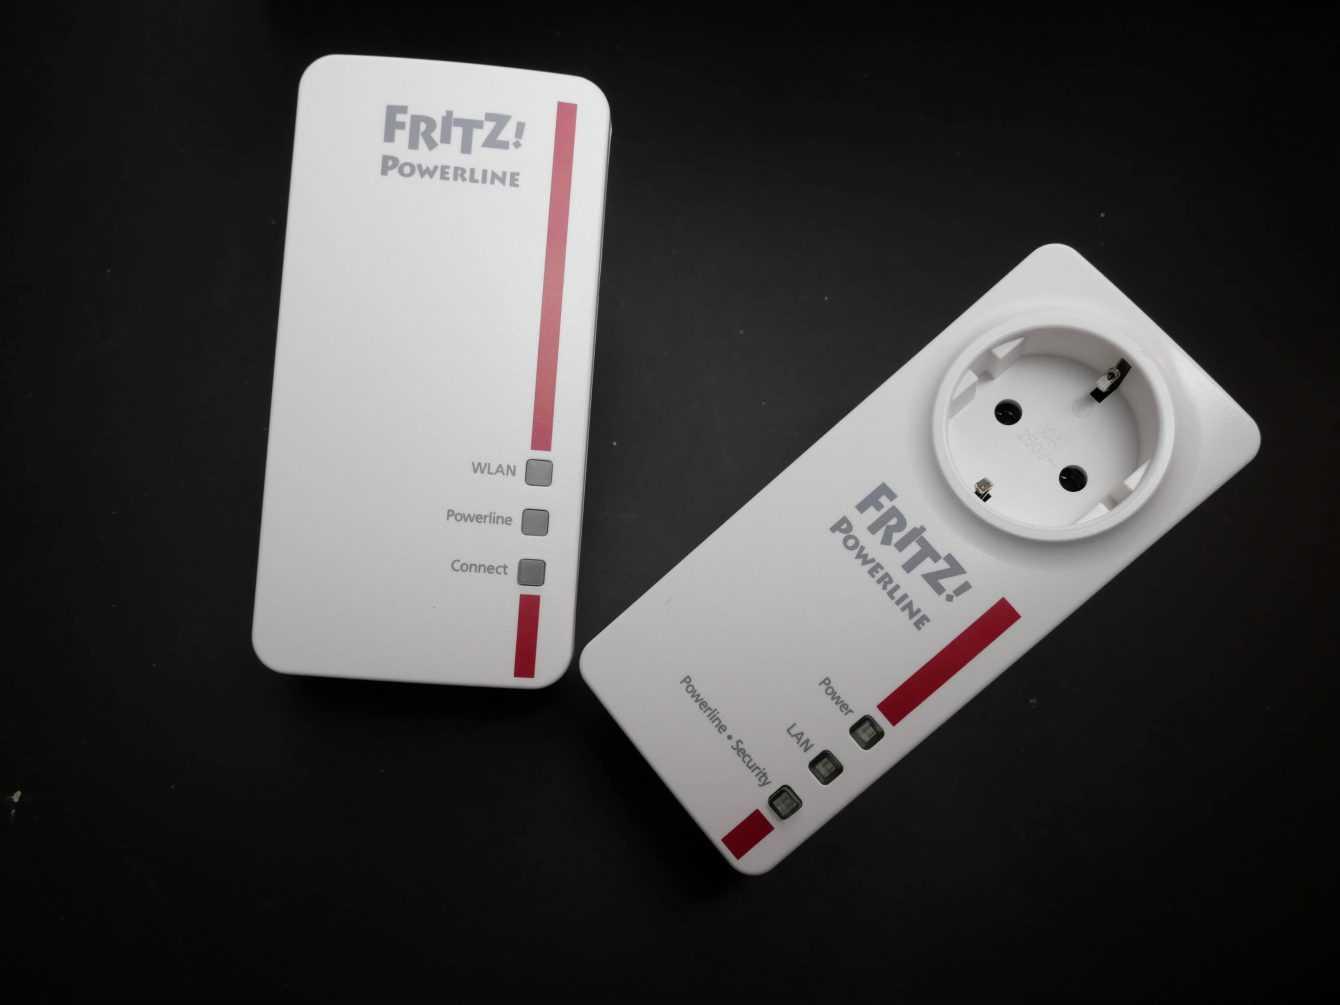 Recensione Fritz!PowerLine 1260E: la scelta giusta?